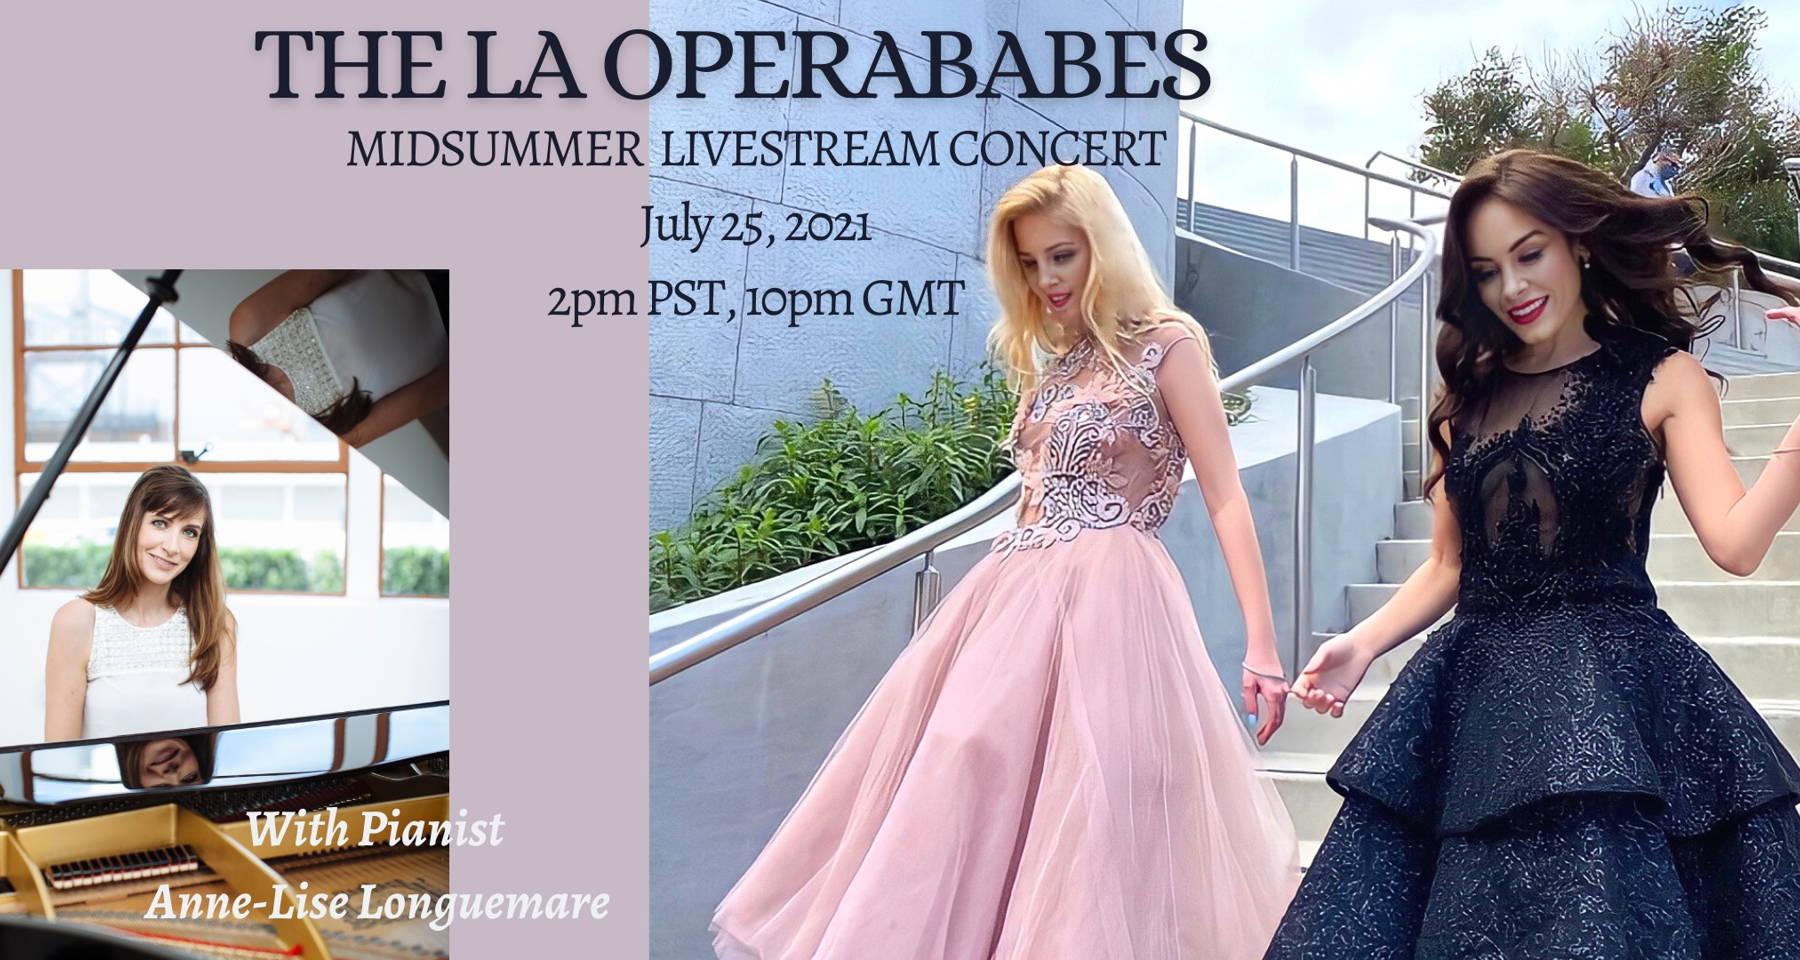 The LA OperaBabes: A Midsummer Livestream Concert